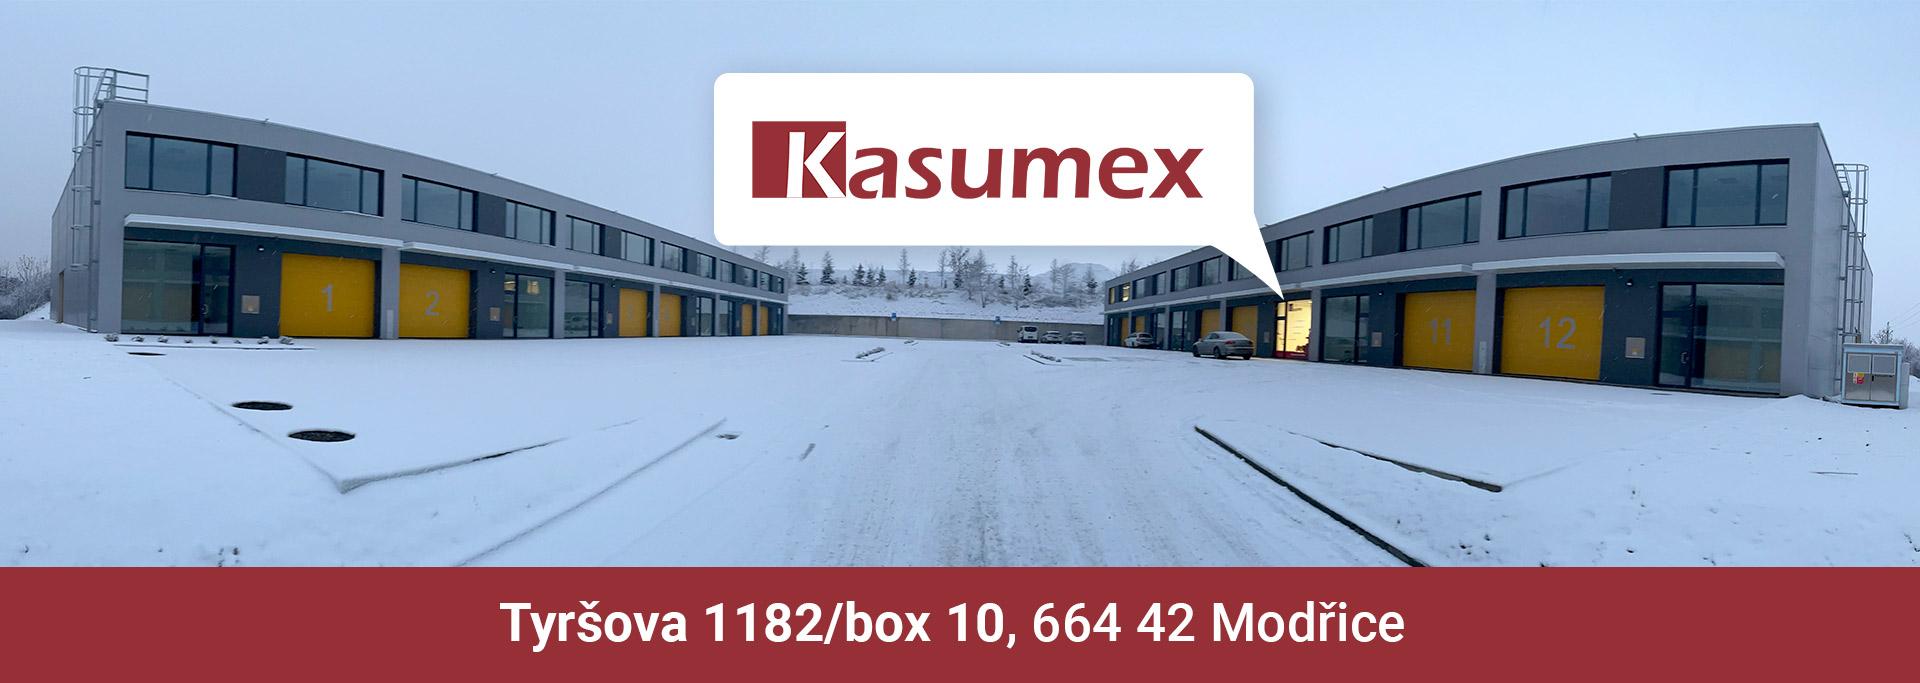 Kasumex - Náhradní díly Modřice - Brno